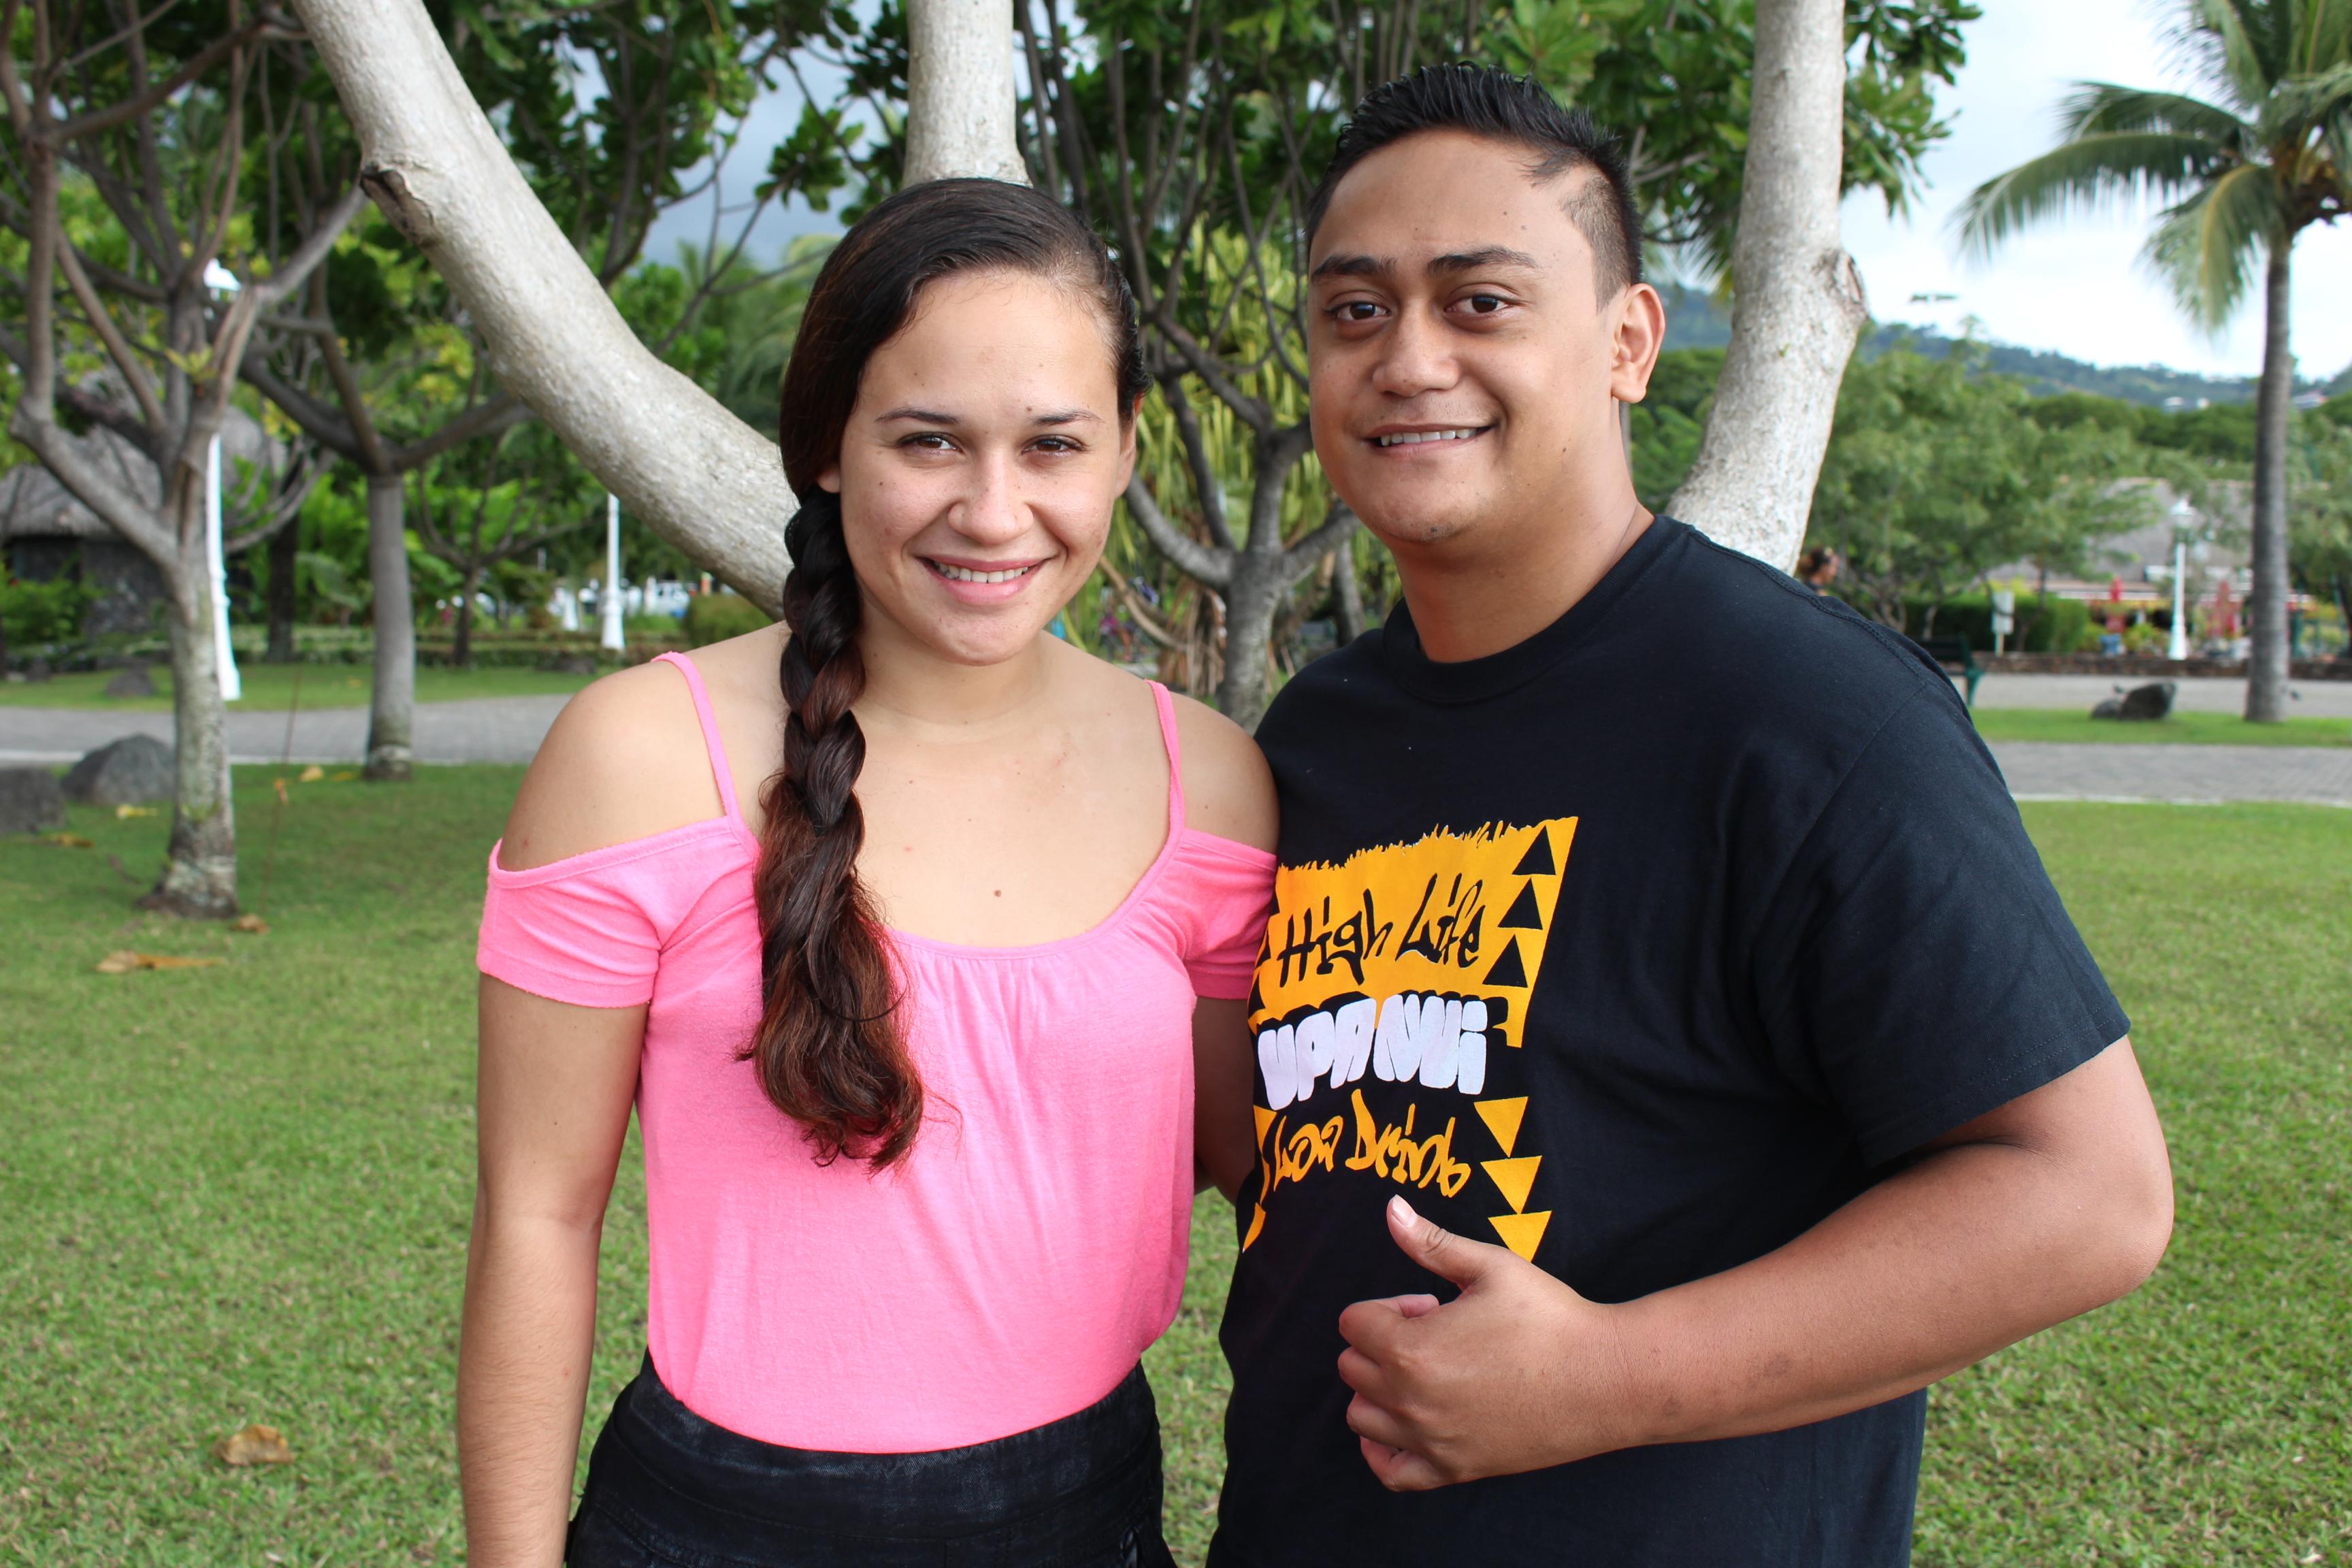 All In One, vainqueur du Upa Nui, rêve de monter sur une scène nationale